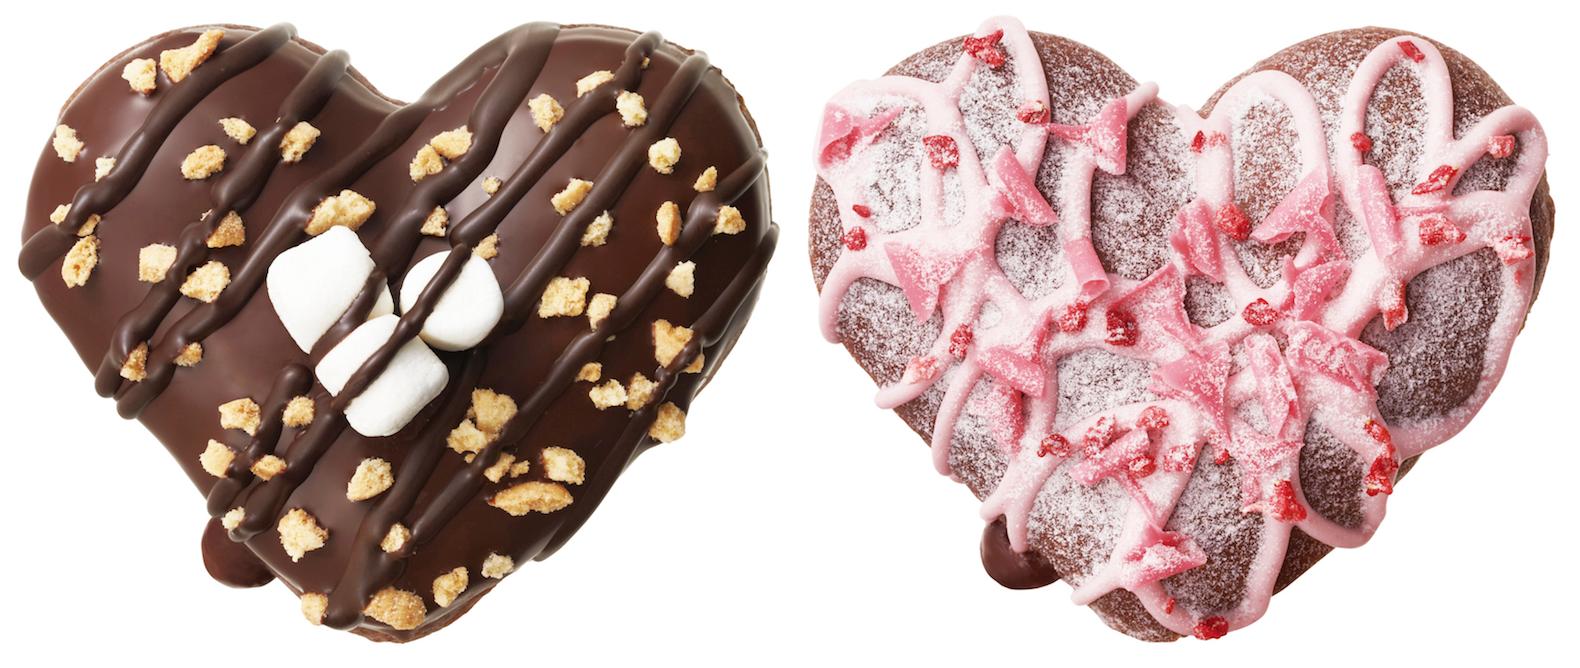 カワイイもオイシイも叶うバレンタインは『クリスピー・クリーム・ドーナツ』で♡_2